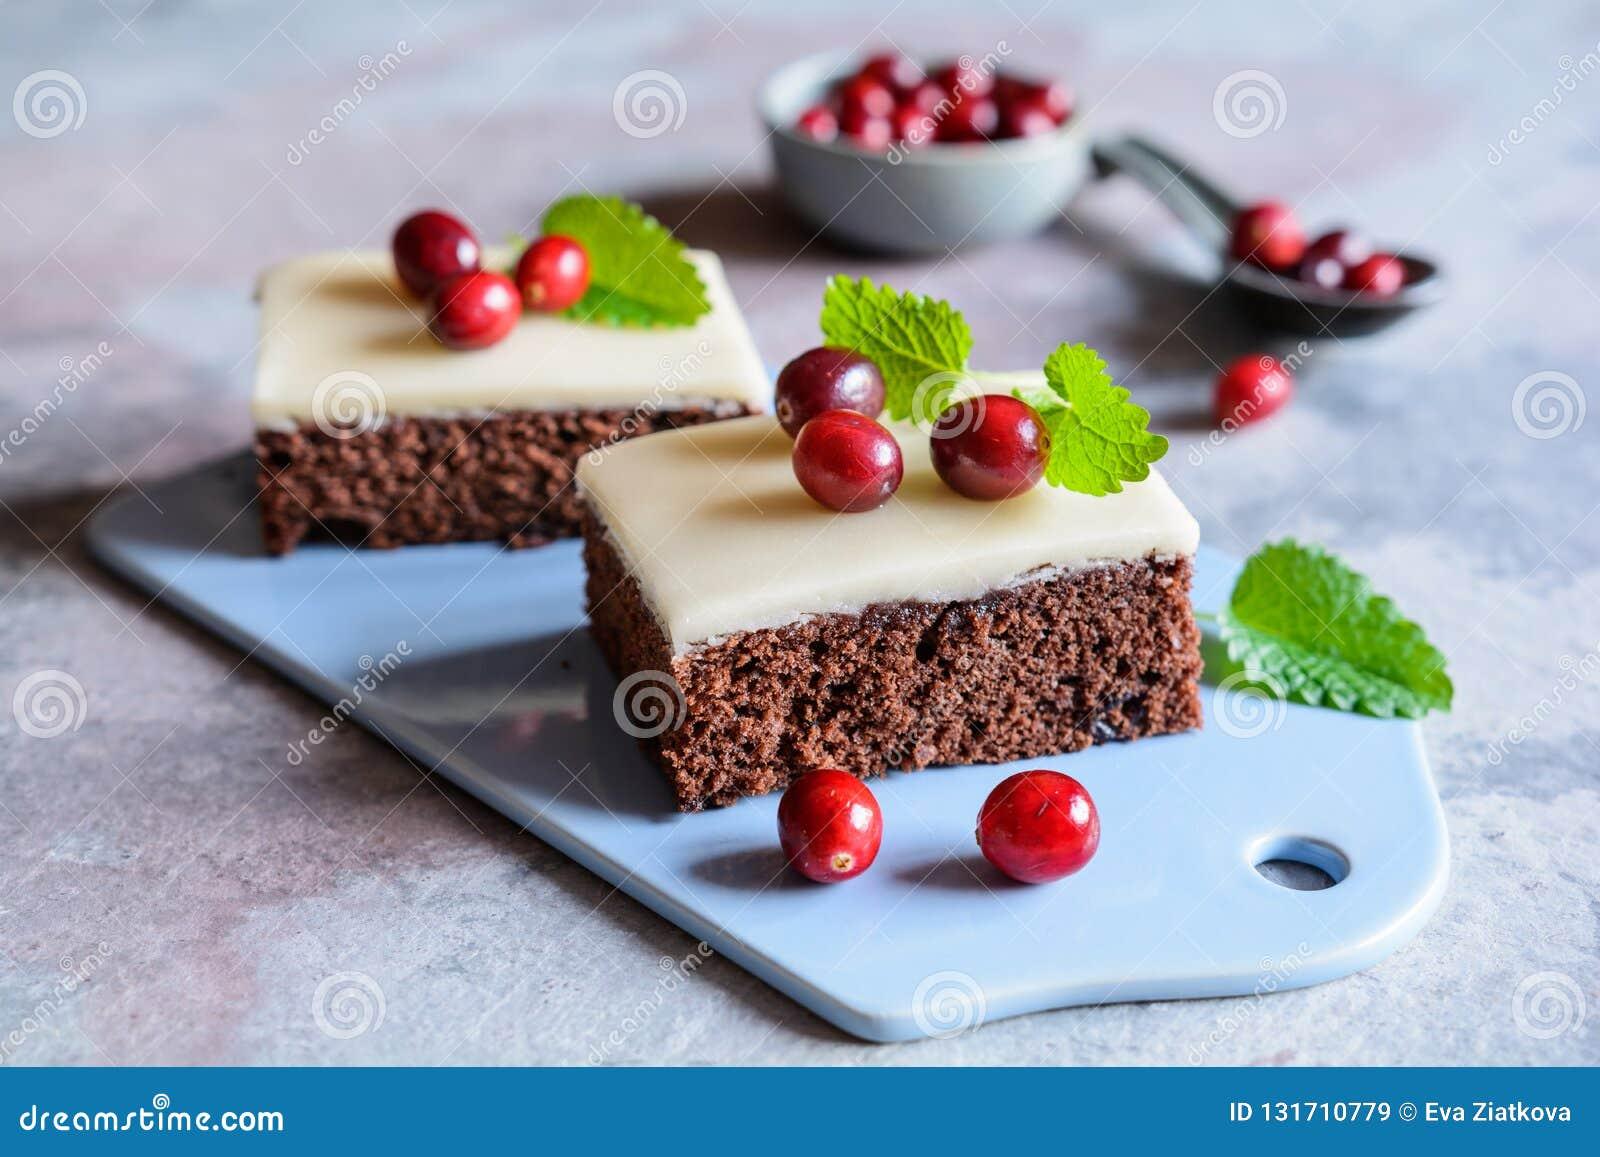 可可粉蛋糕用蔓越桔和小杏仁饼釉